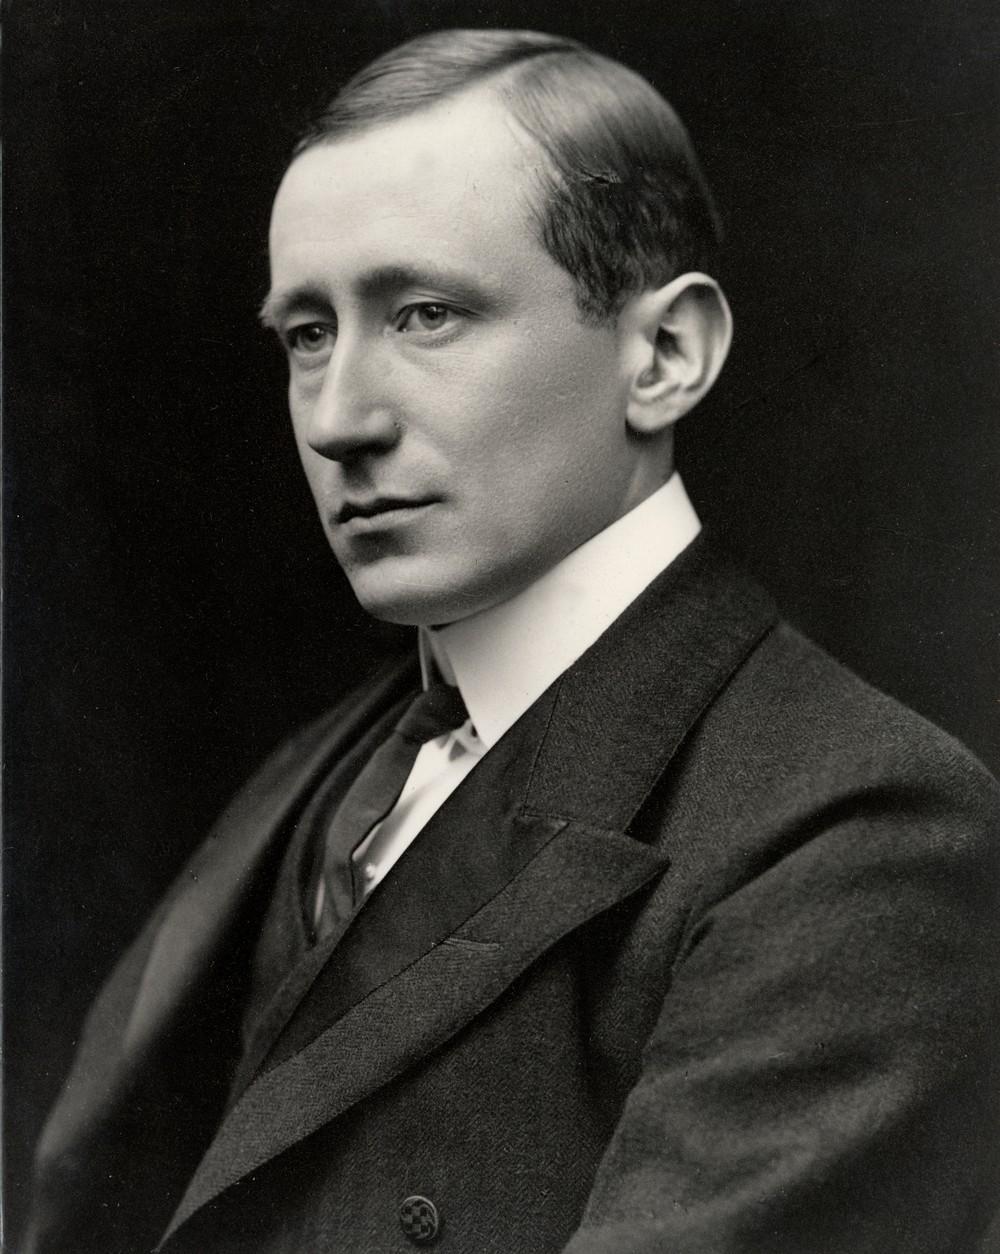 Год 1920 Гулье́льмо Марко́ни итальянский учёный изобретатель, бизнесмен. Один из первопроходцев в области беспроводной связи. Итальянский Нацист.